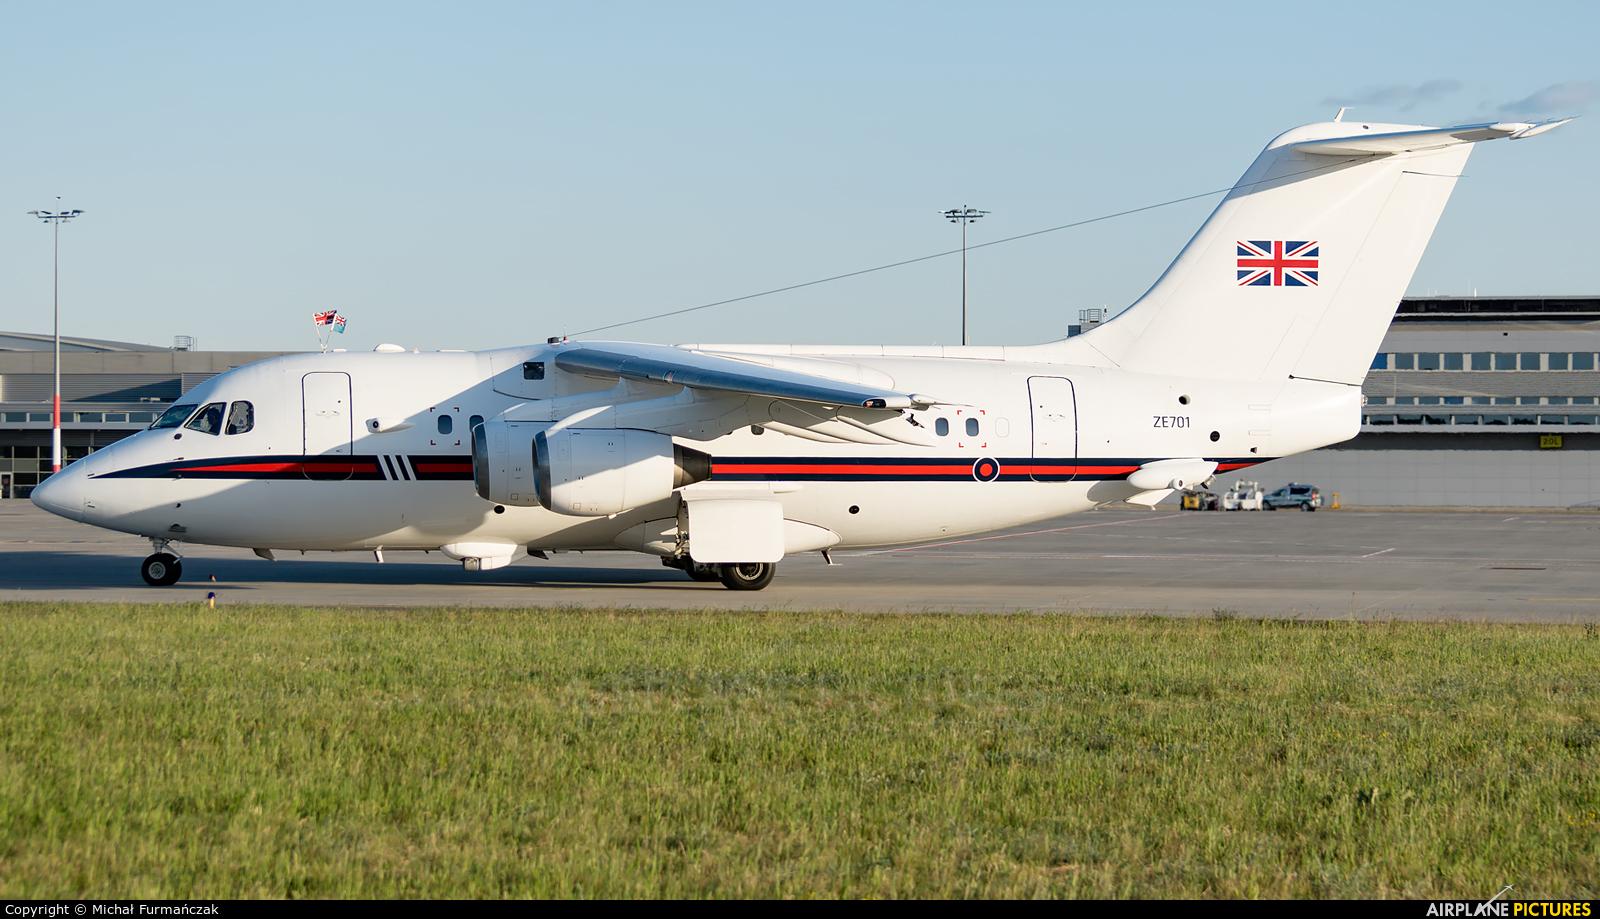 Royal Air Force ZE701 aircraft at Poznań - Ławica